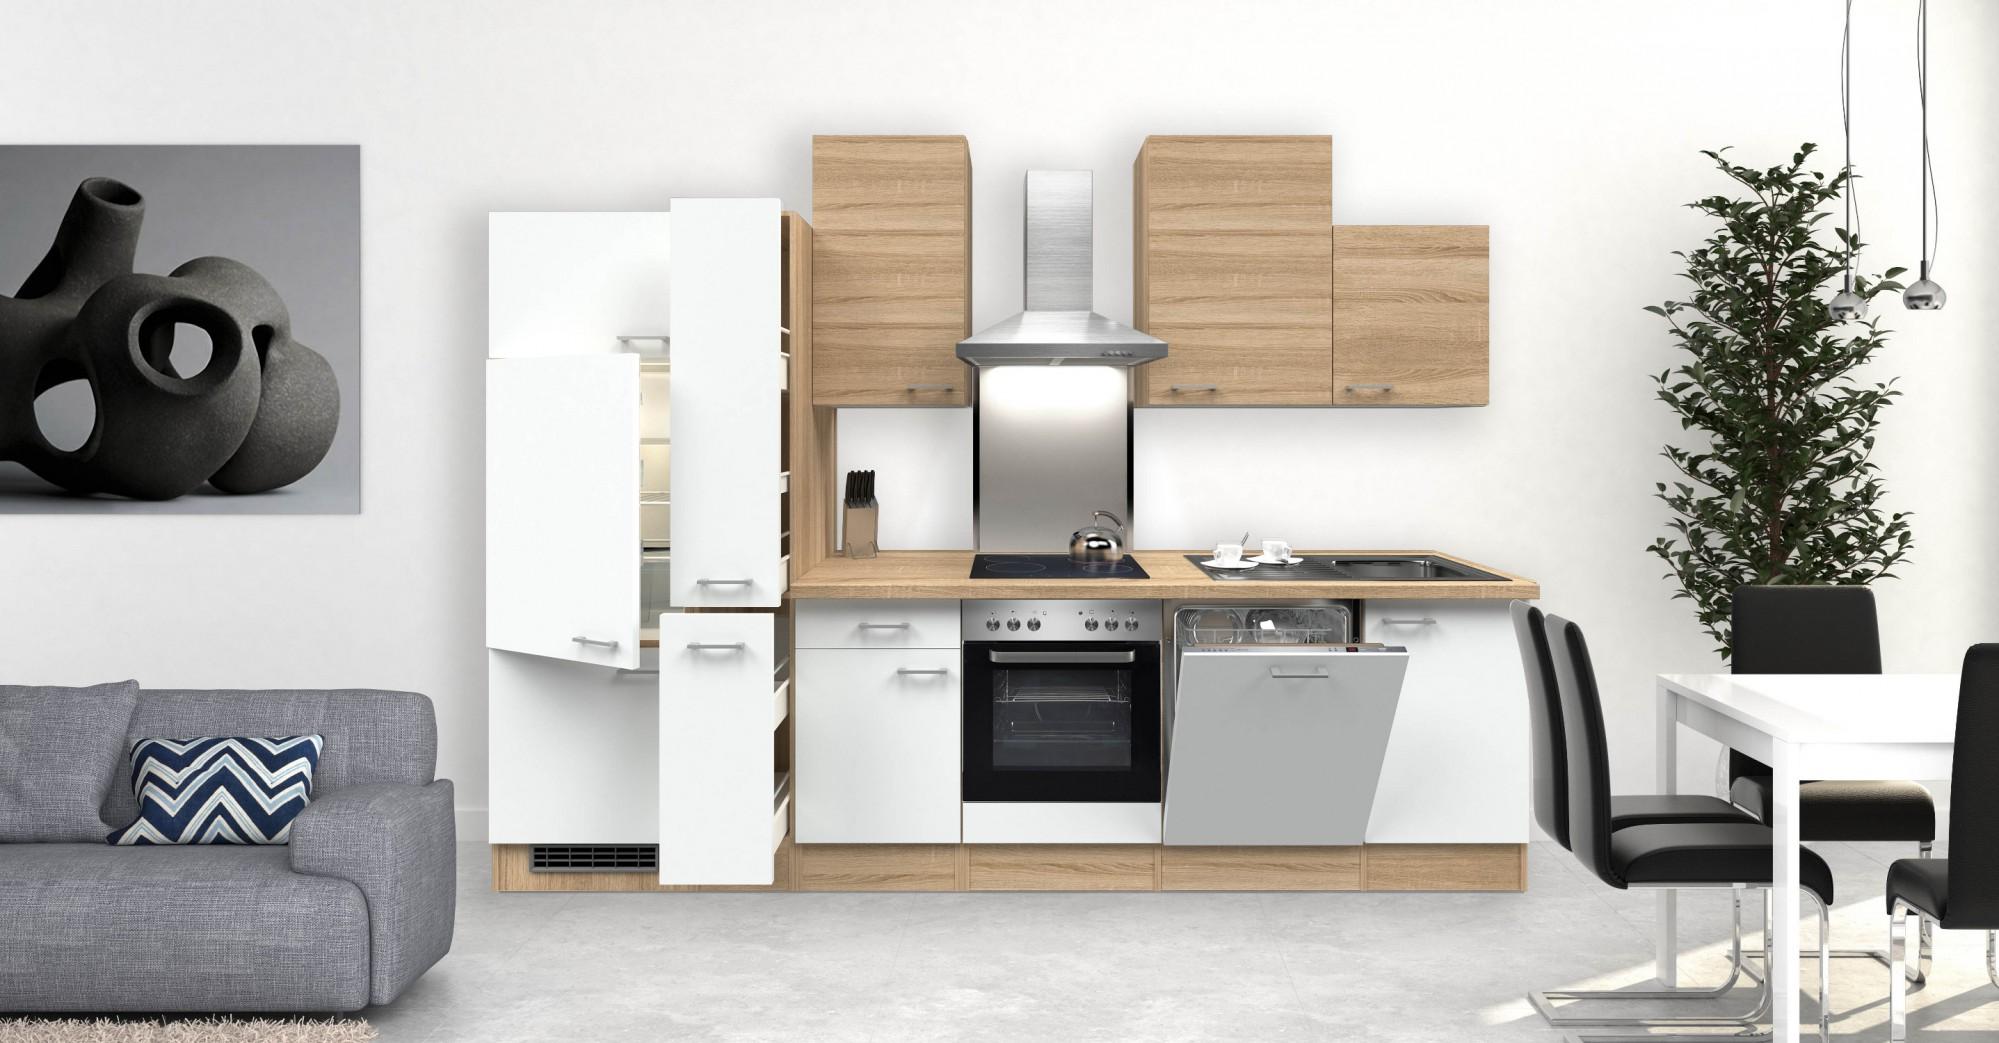 Küchen-Eckunterschrank ROM - 1-türig - 110 cm breit - Weiß Küche ROM